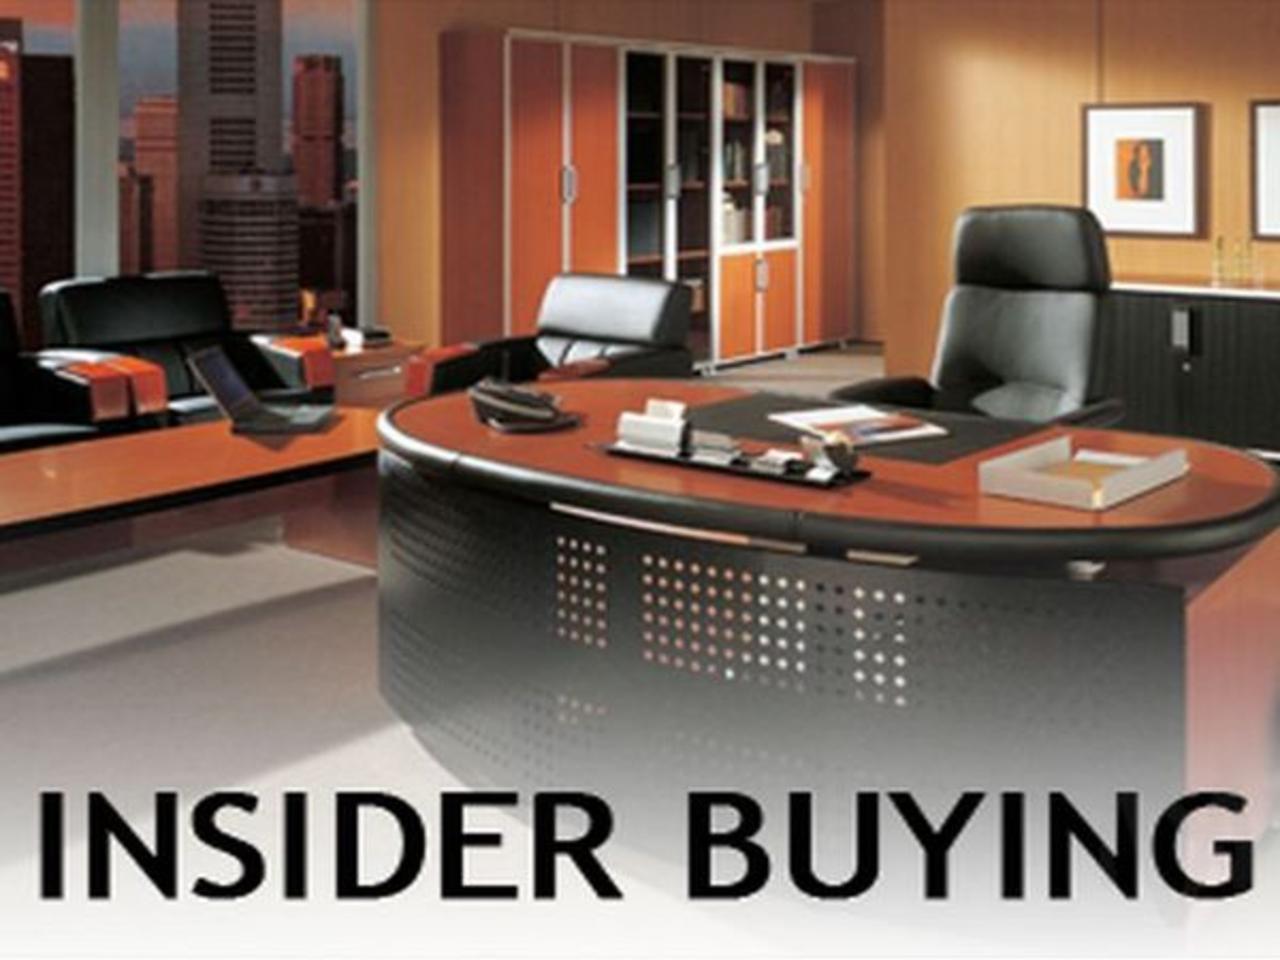 Thursday 4/8 Insider Buying Report: AXR, GALT